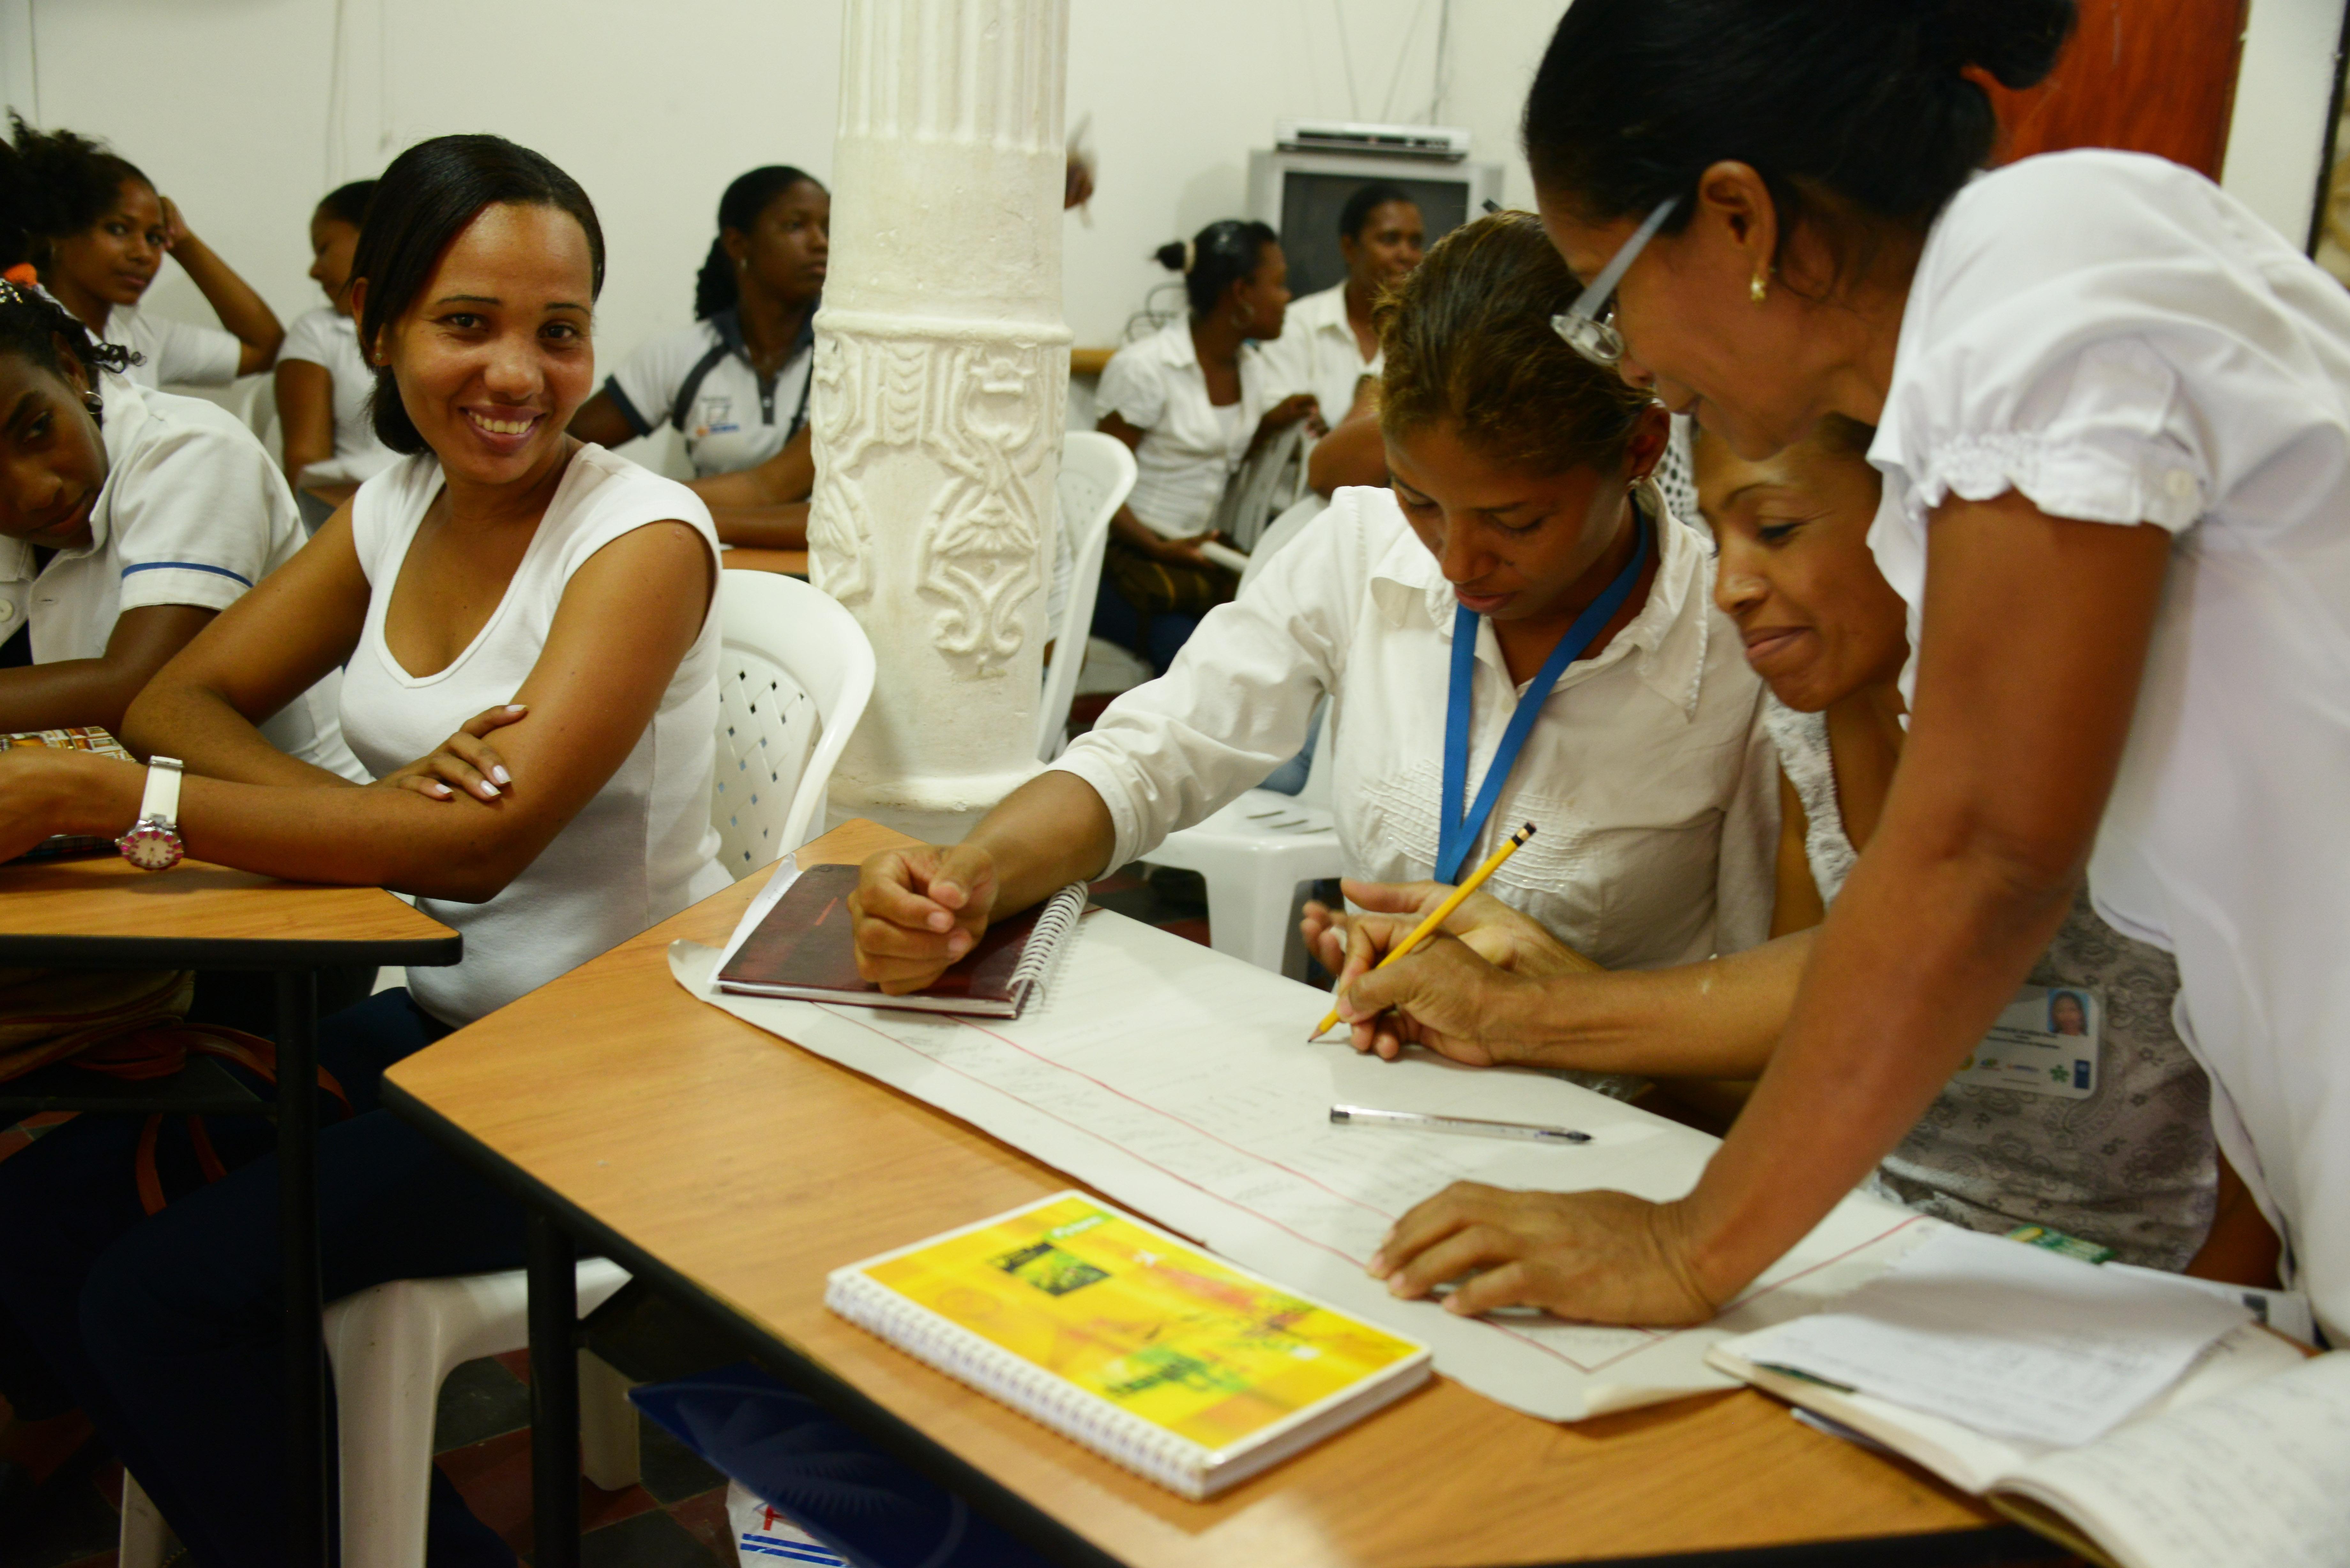 El Reino Unido ha financiado iniciativas para apoyar la participación de las mujeres en el proceso de paz, la pedagogía para la paz y la Misión de Monitoreo de la OEA.